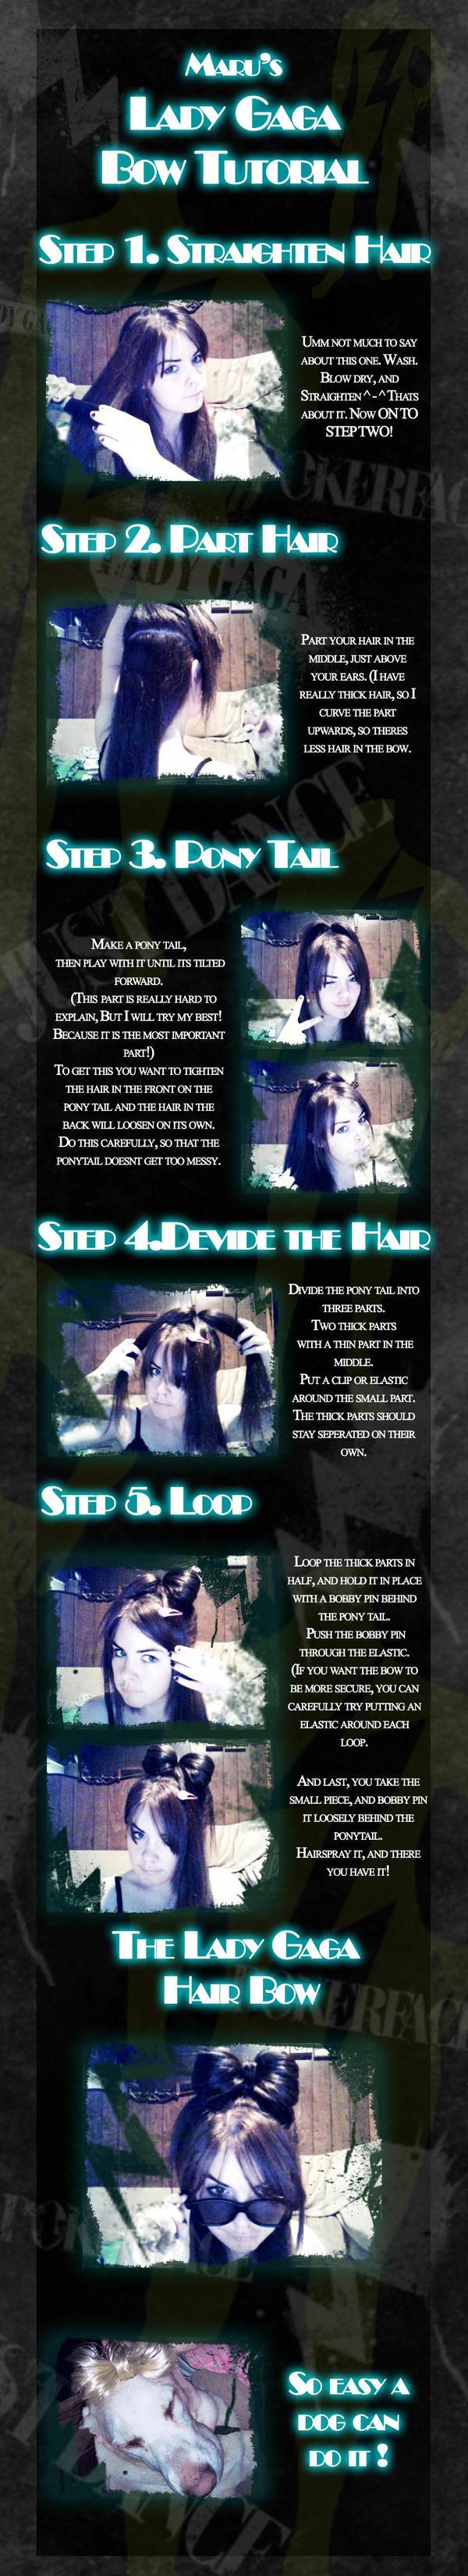 Lady Gaga Hair Bow Tutorial by PsychoMaru